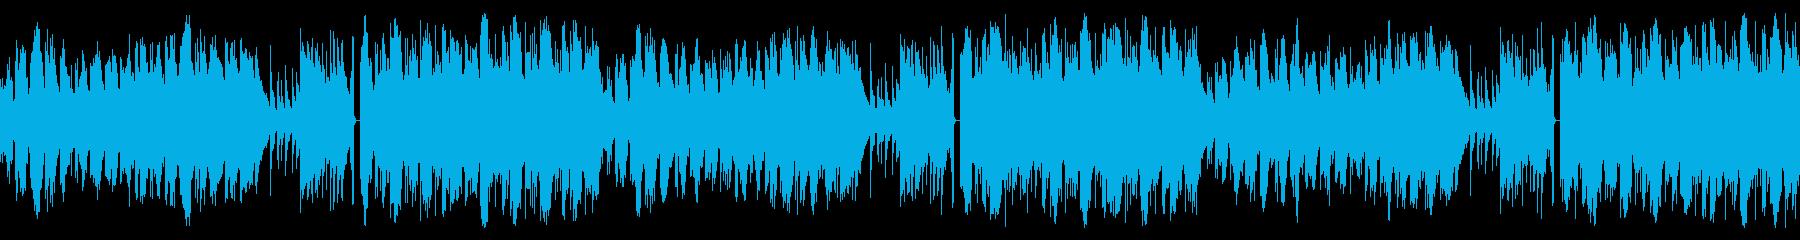 【ループ】不穏・近未来・チュートリアルの再生済みの波形